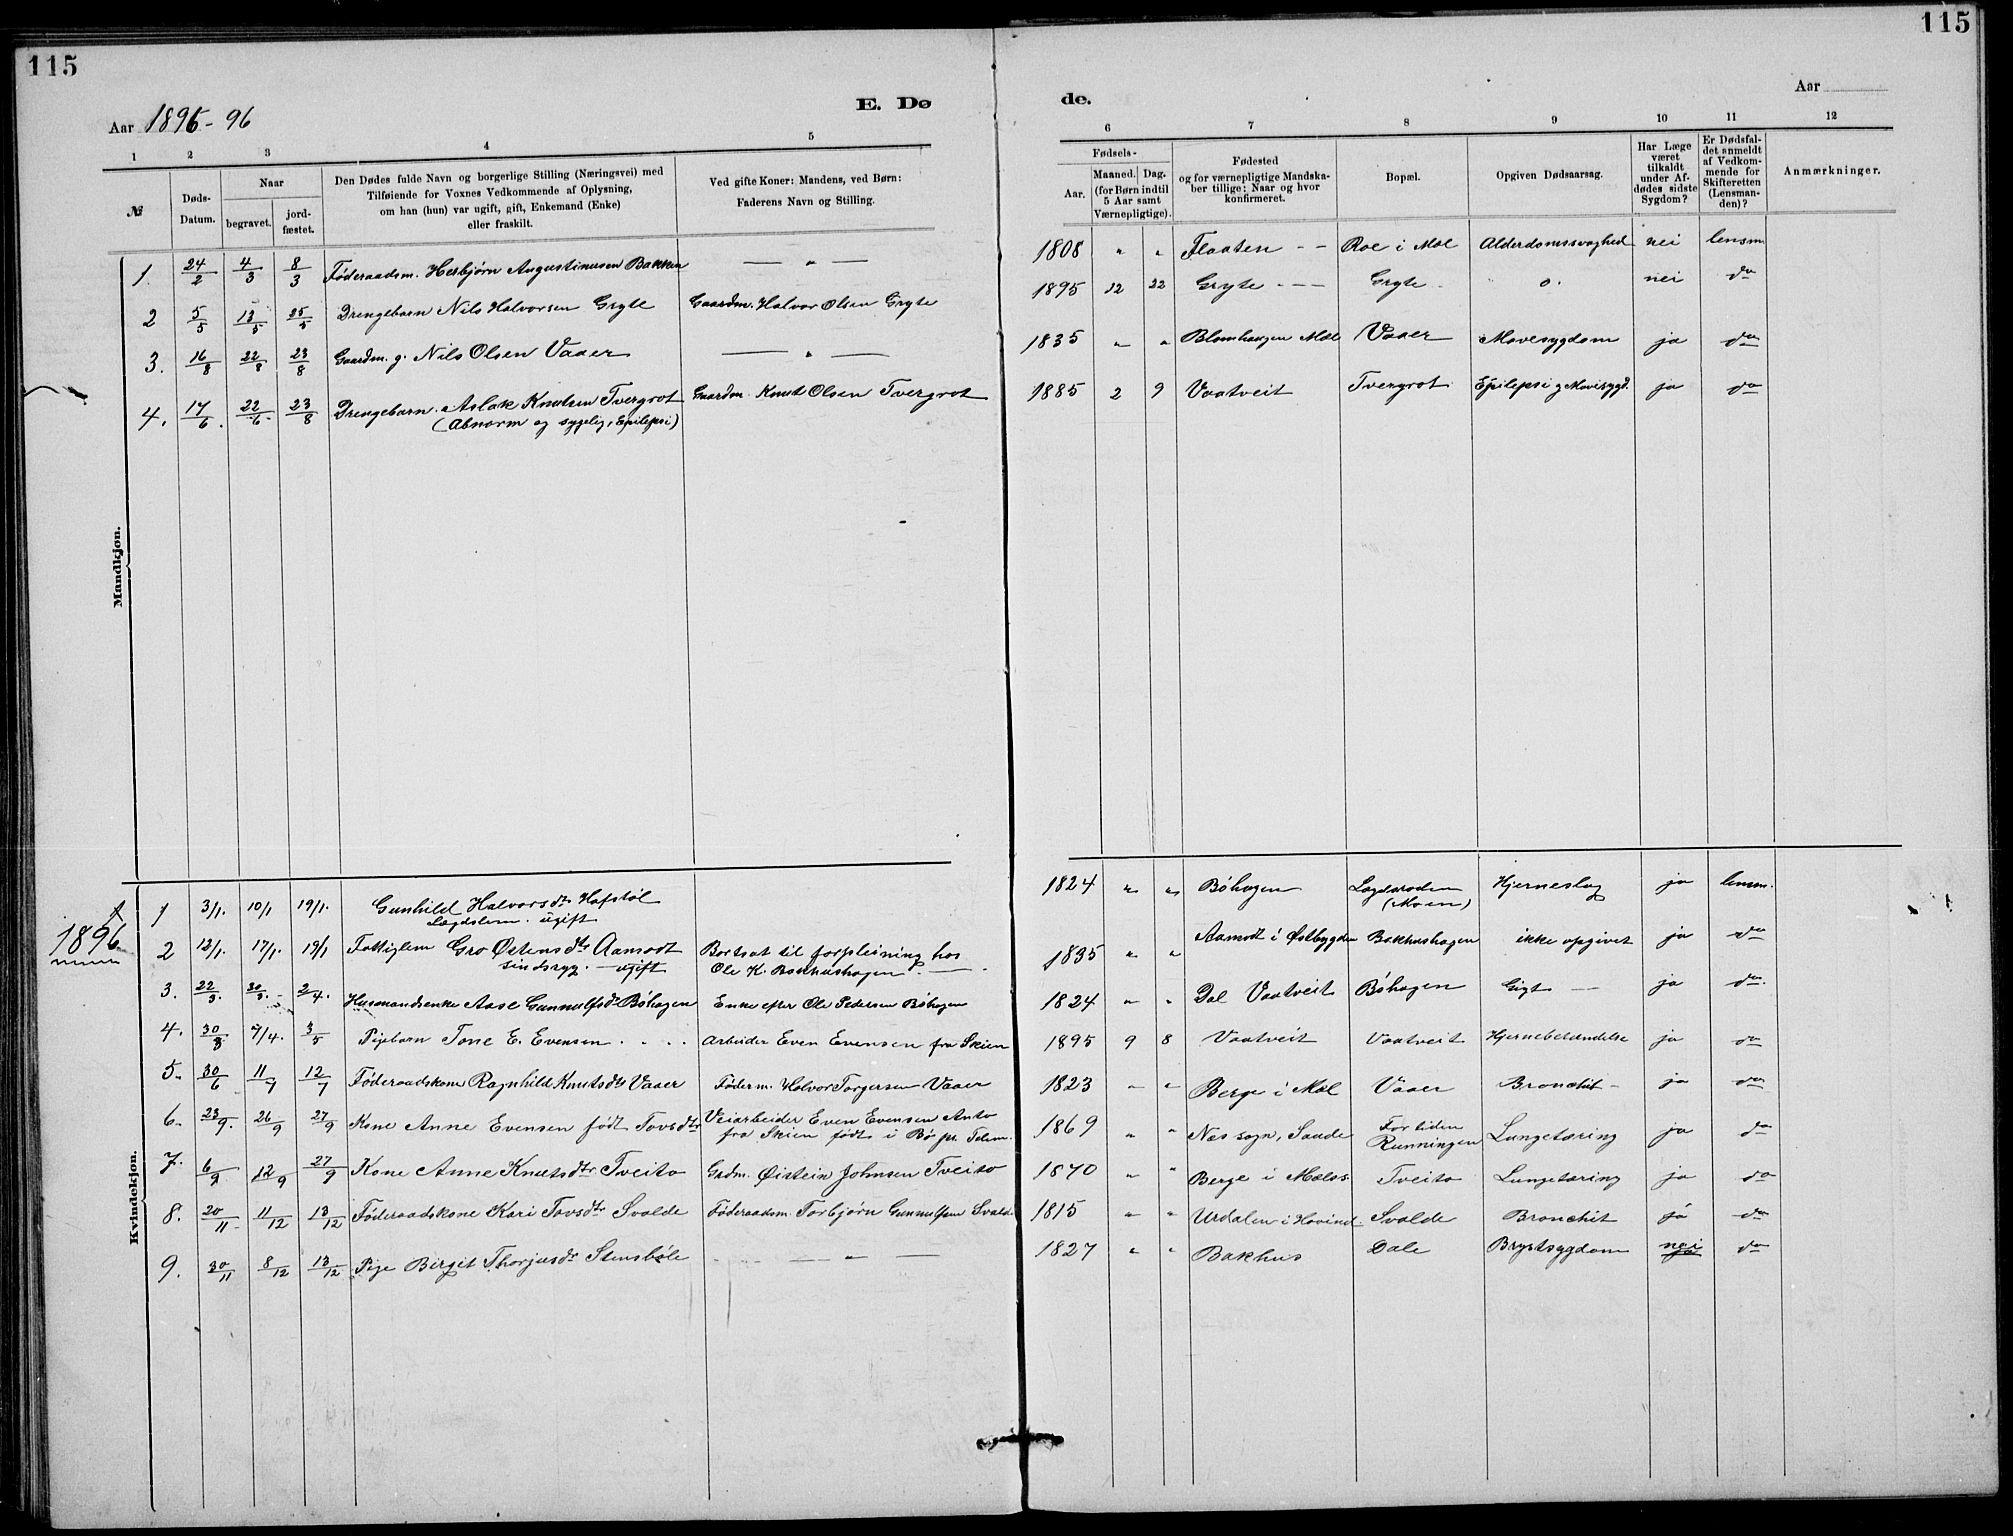 SAKO, Rjukan kirkebøker, G/Ga/L0001: Klokkerbok nr. 1, 1880-1914, s. 115